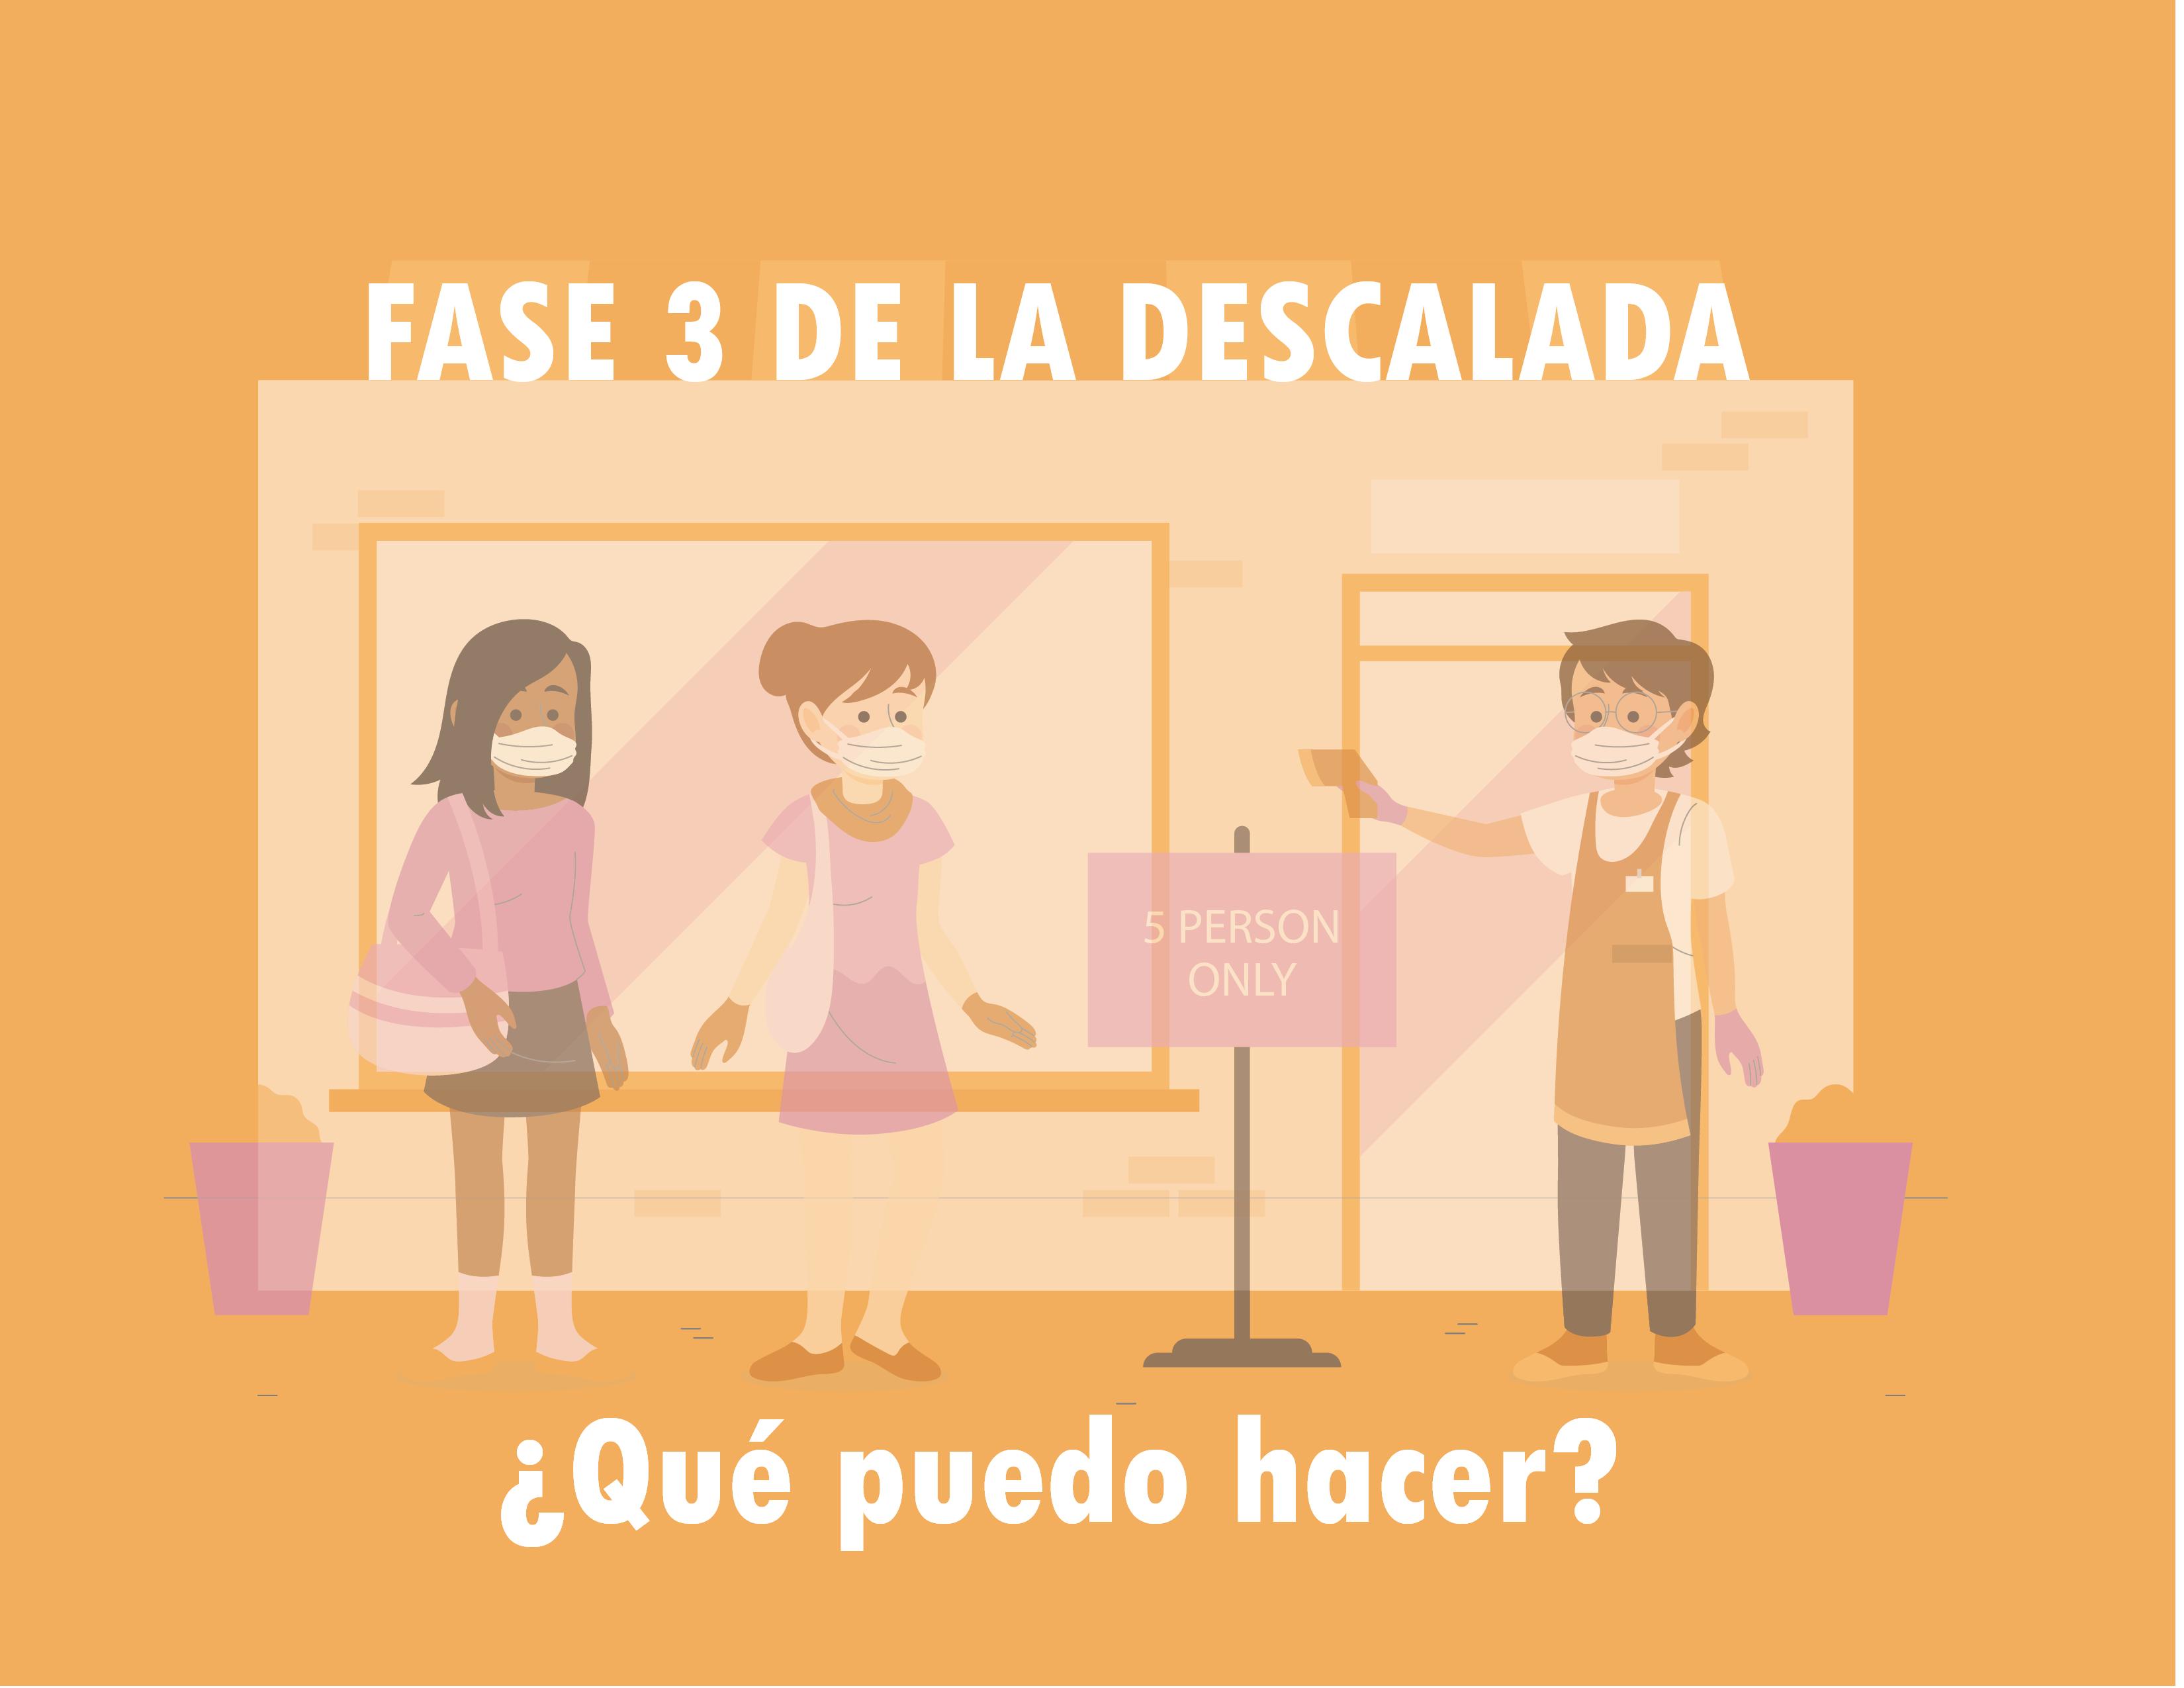 Fase 3 De La Desescalada: ¿Qué Puedo Hacer?